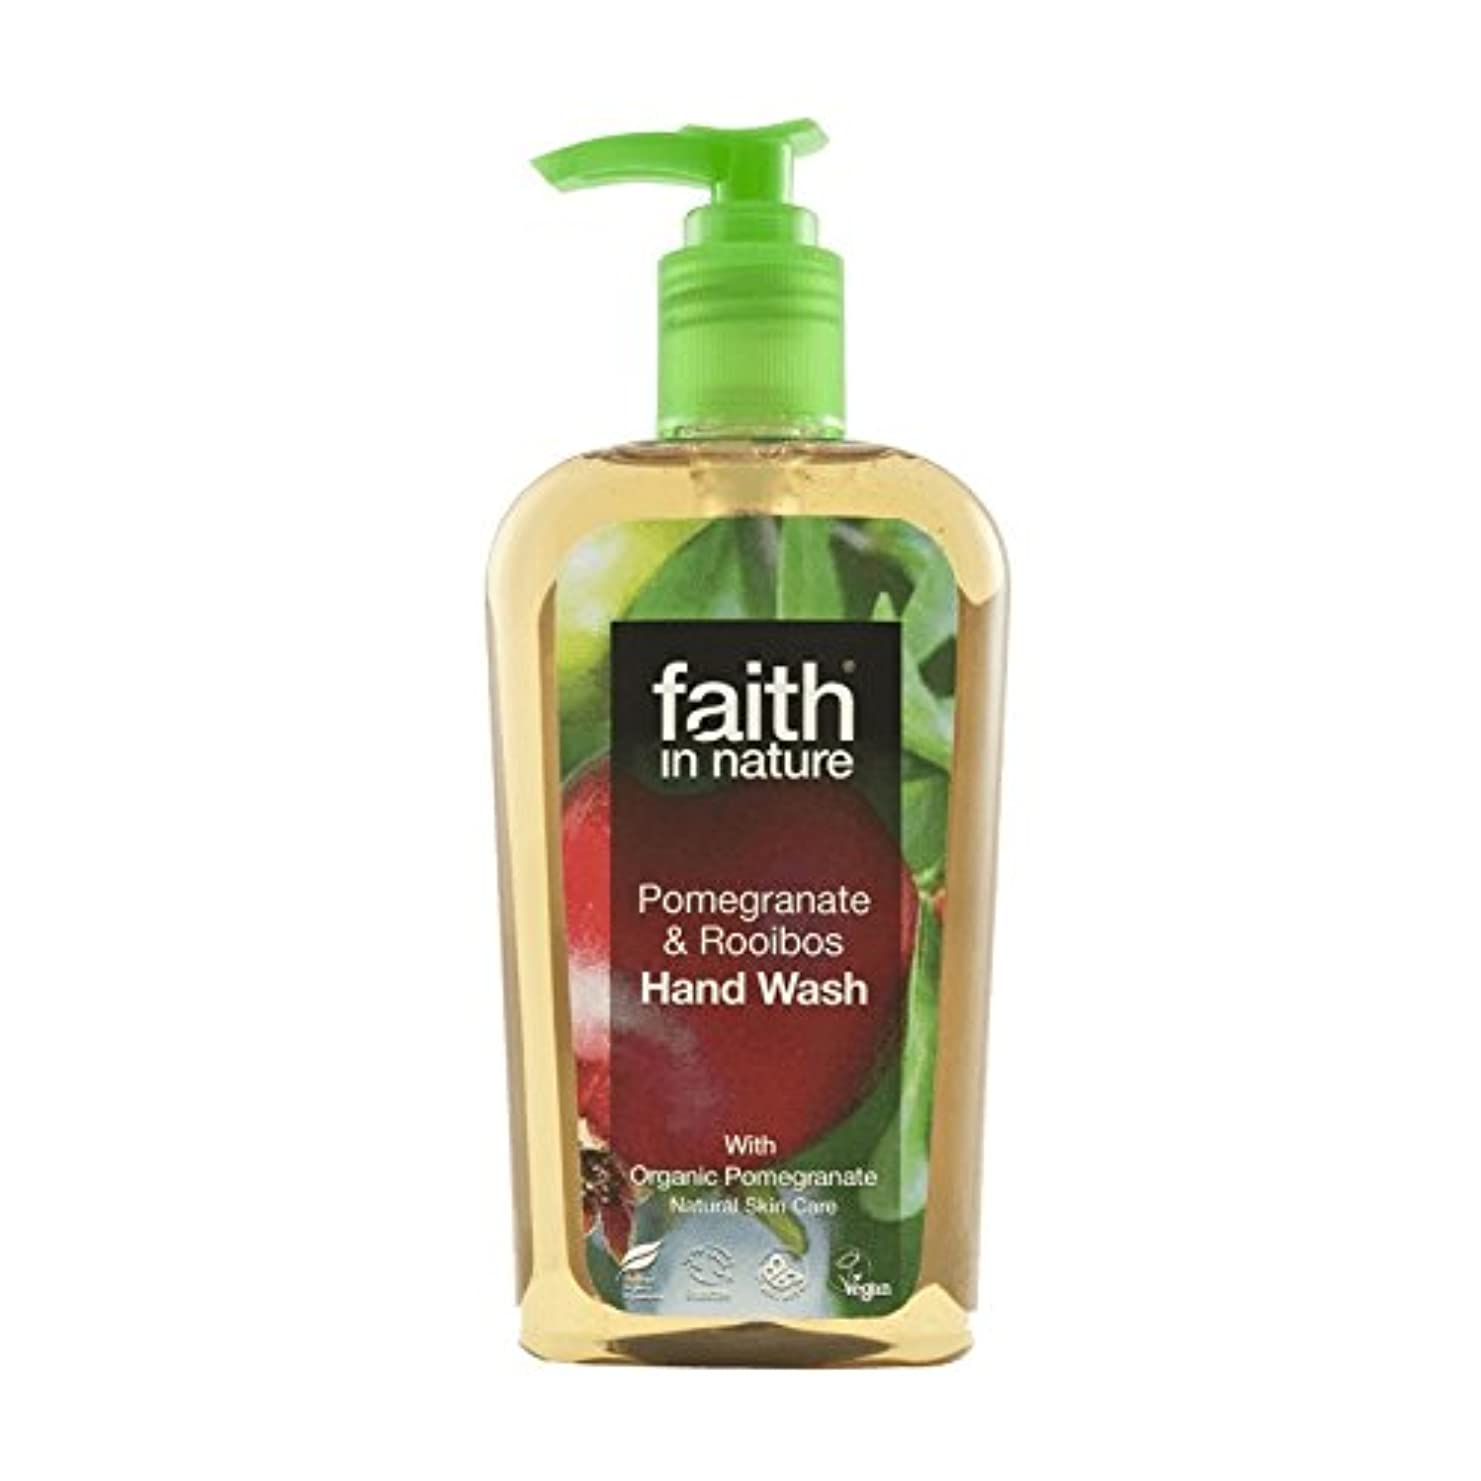 カード不安葉を集める自然ザクロ&ルイボス手洗いの300ミリリットルの信仰 - Faith In Nature Pomegranate & Rooibos Handwash 300ml (Faith in Nature) [並行輸入品]